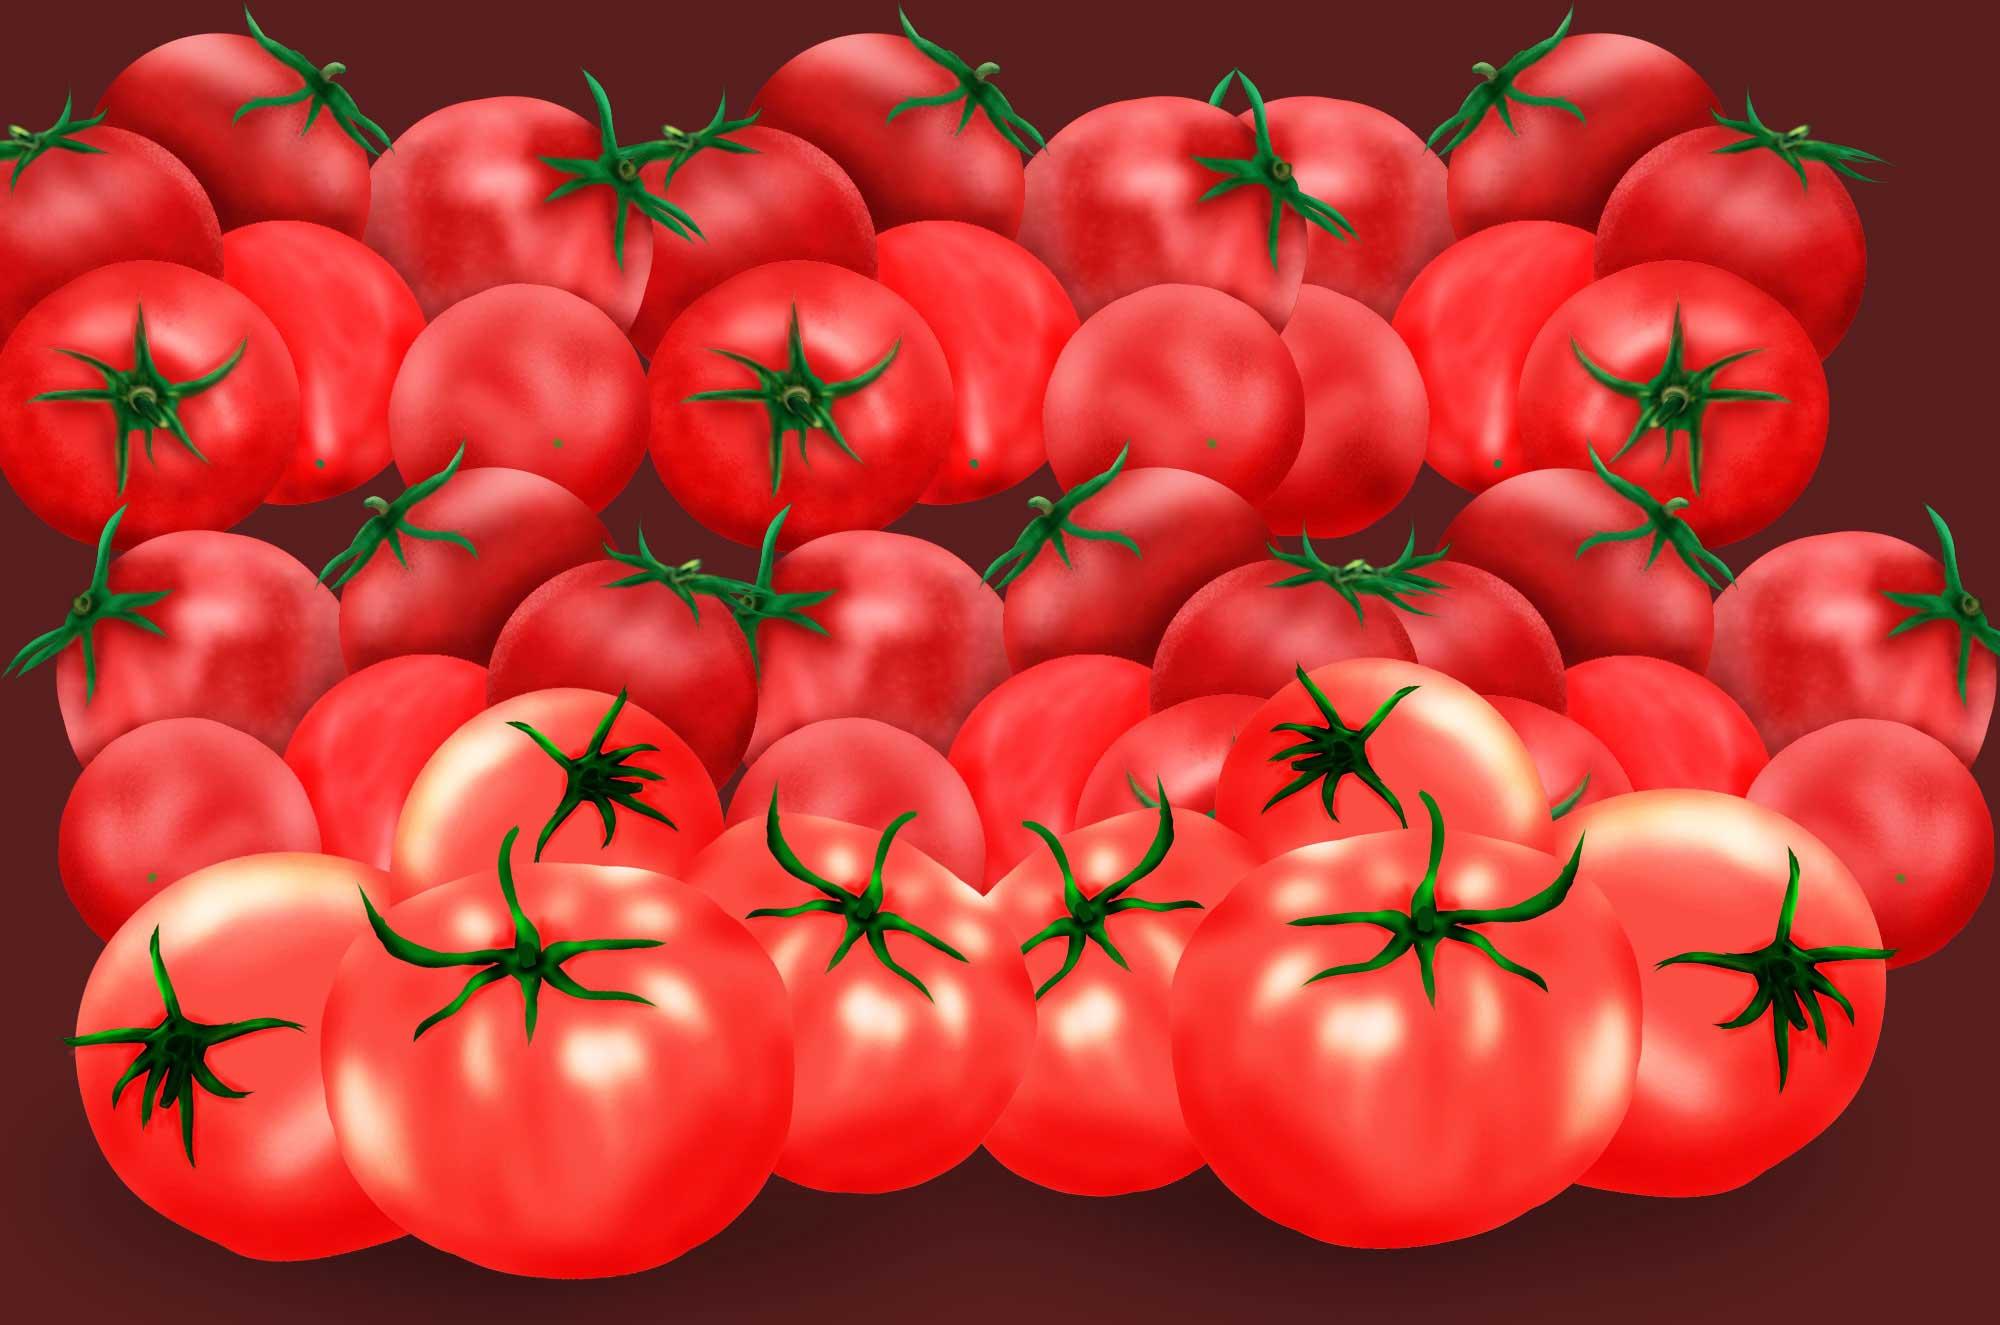 トマトのイラスト - 可愛い野菜のフリー素材